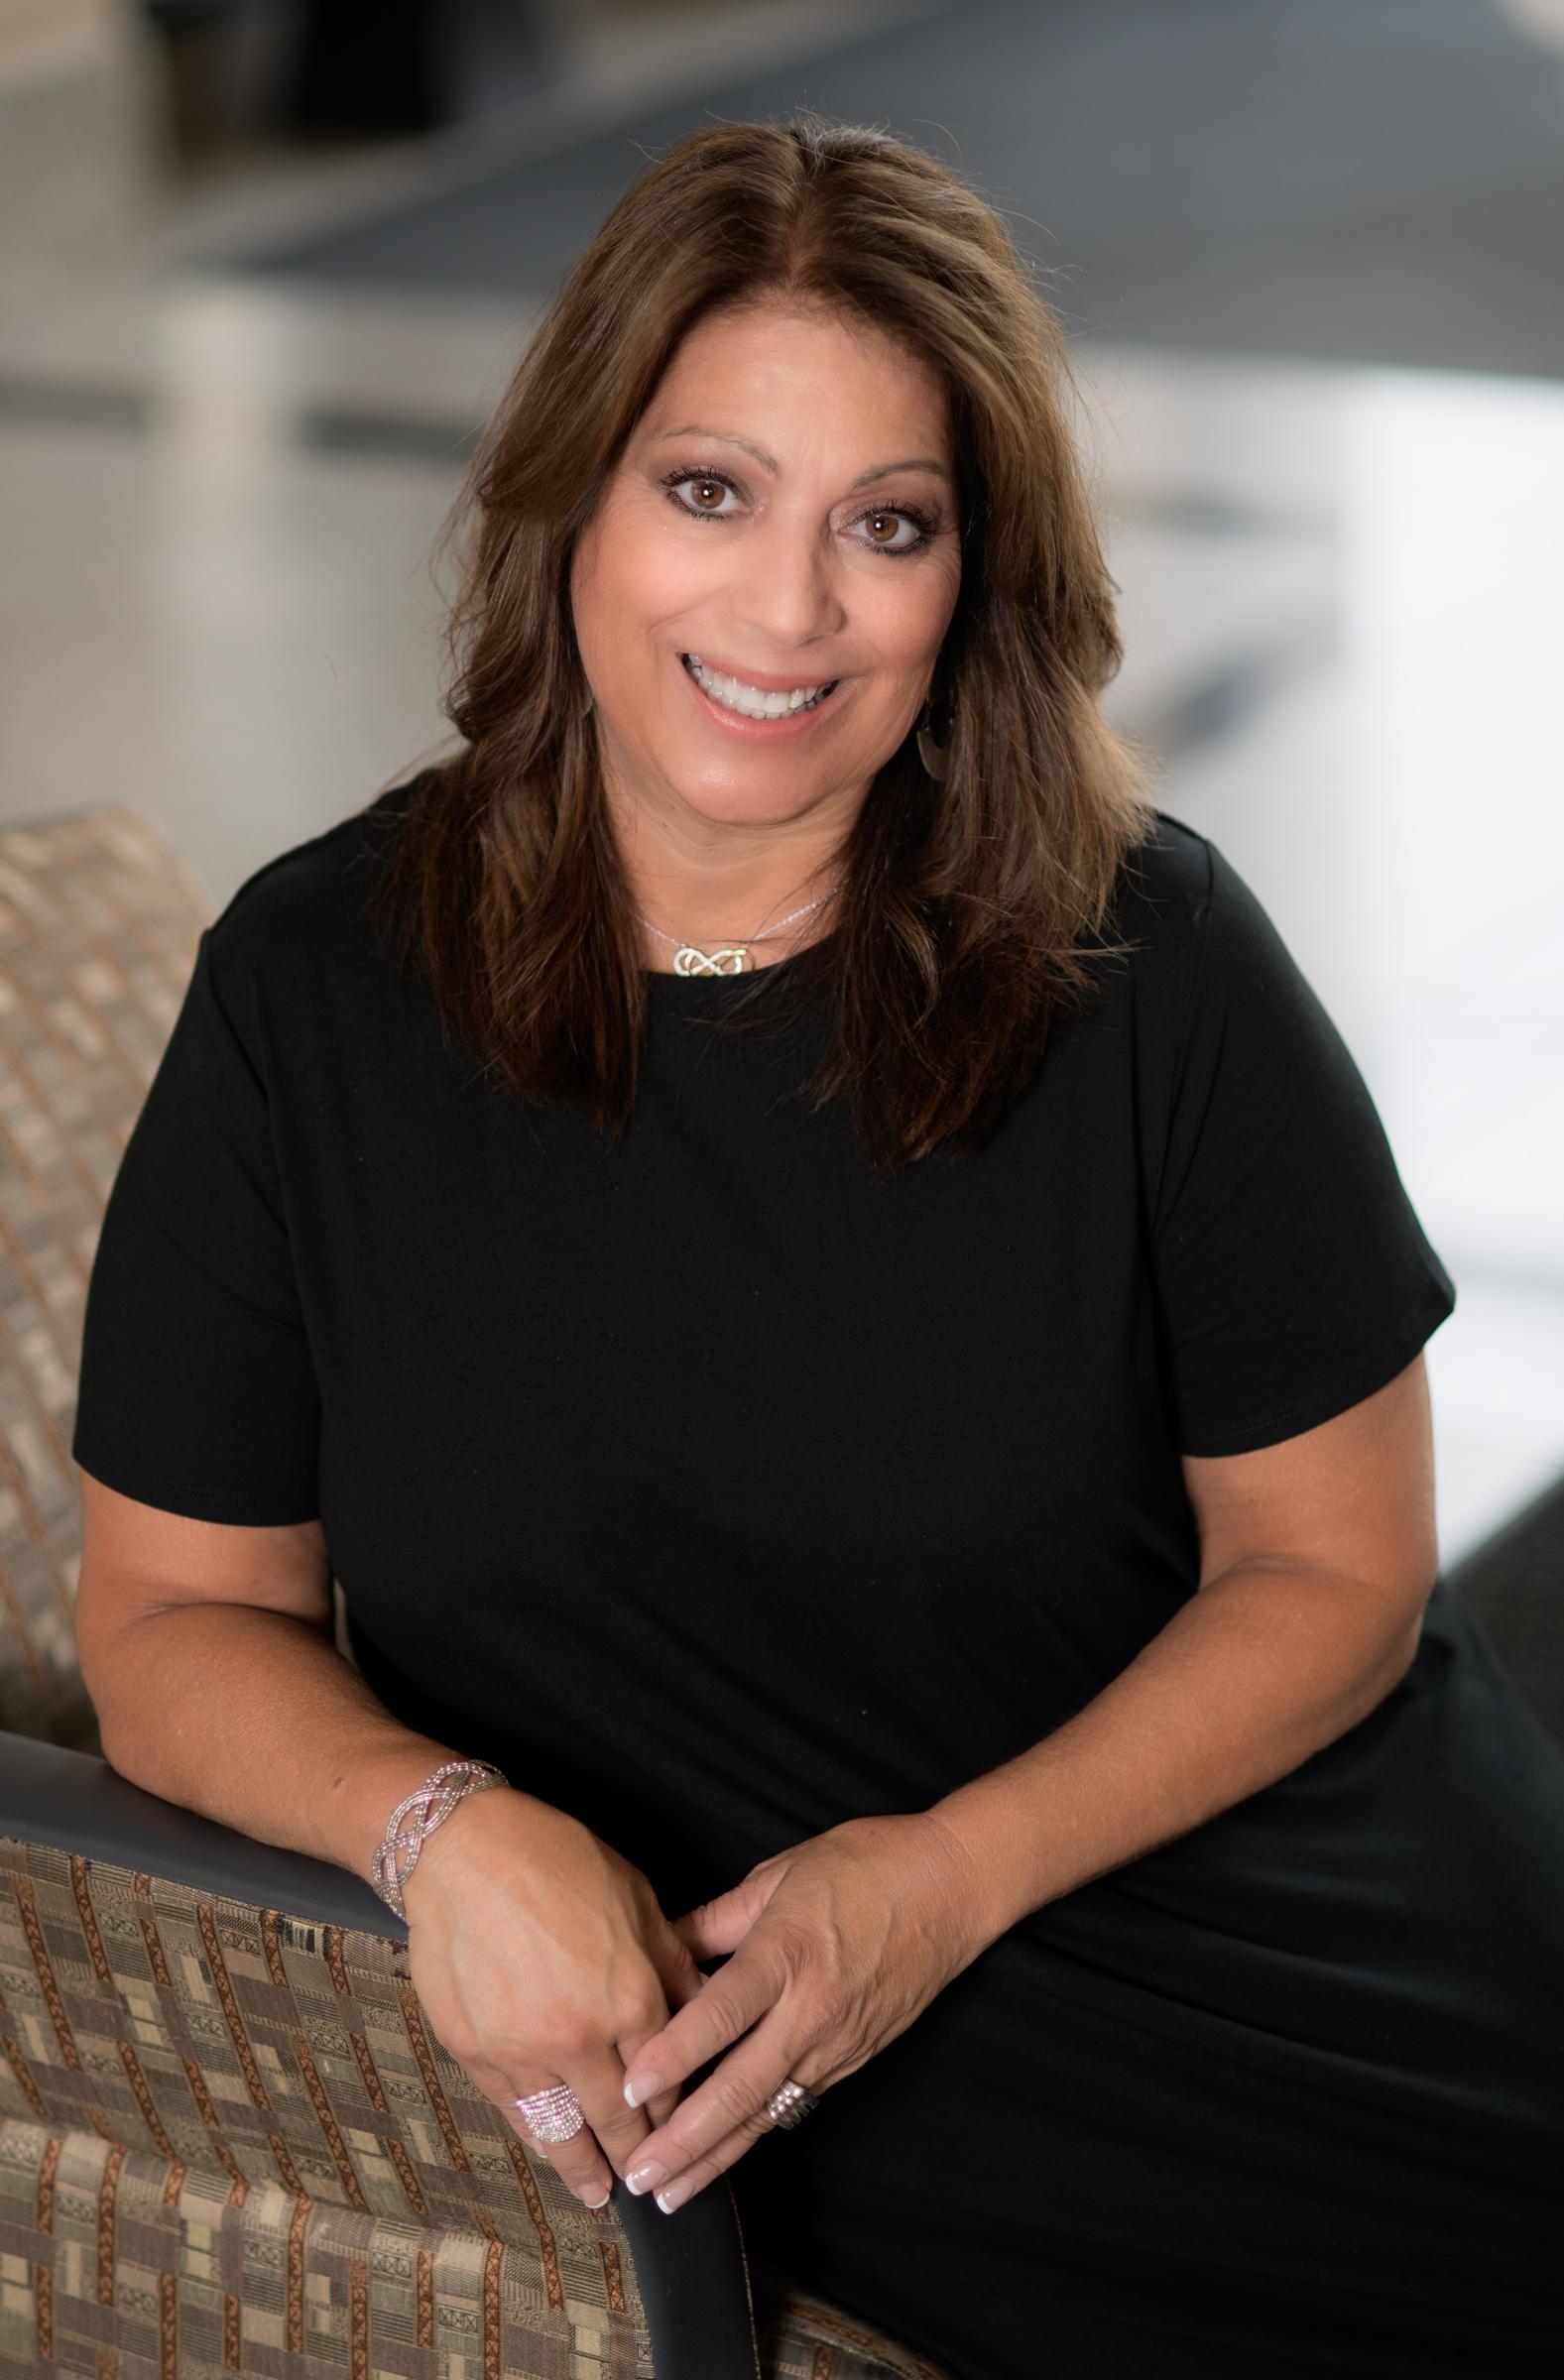 Maria Giarratano